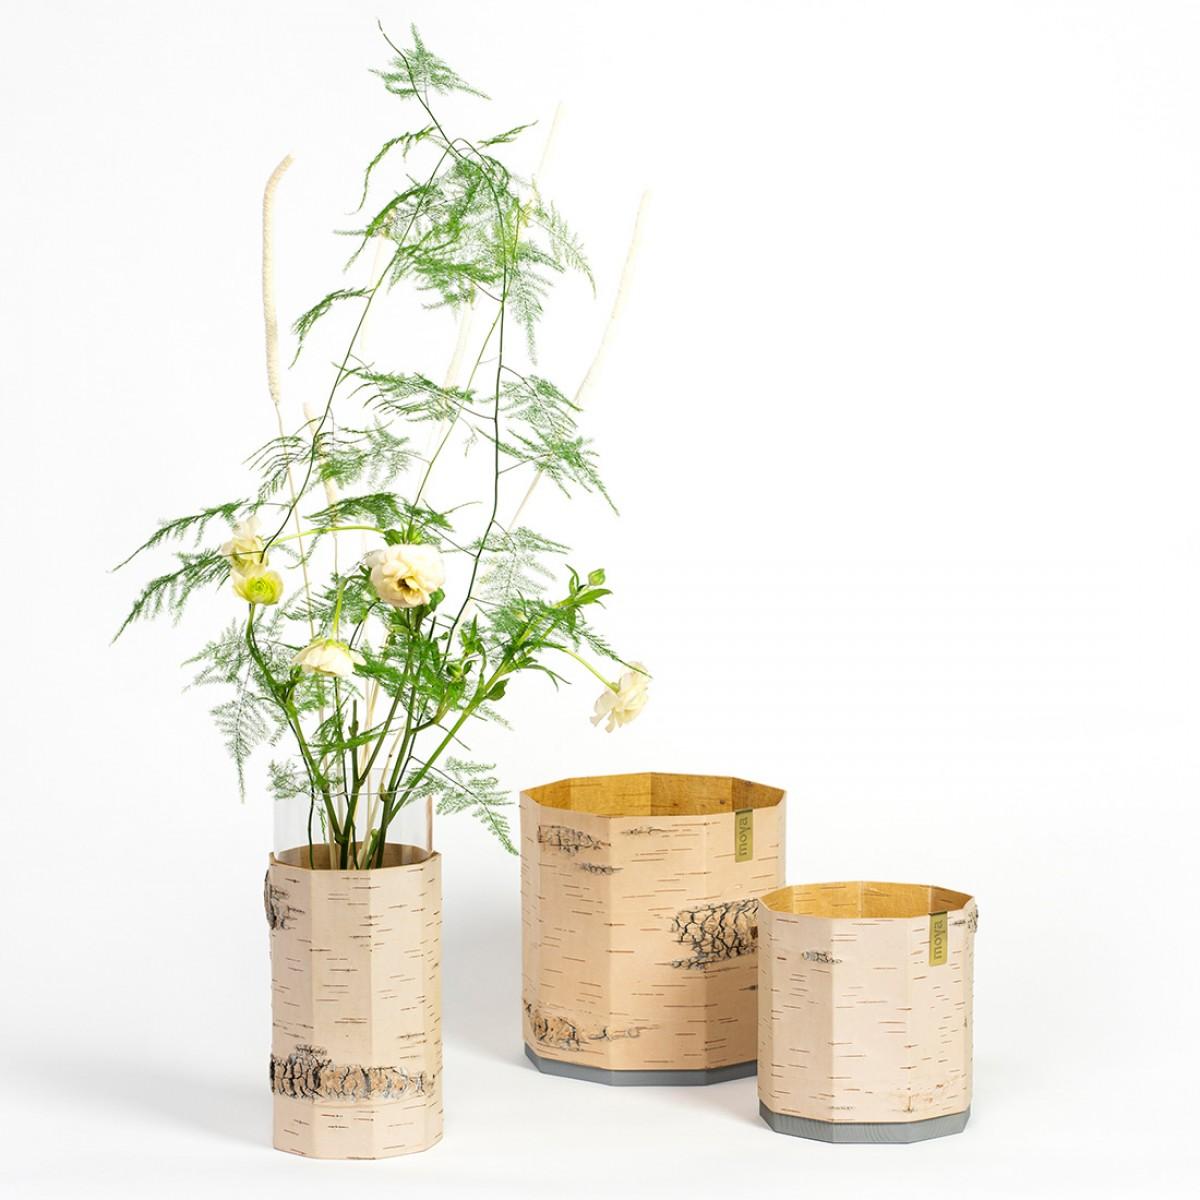 Pflanztopf / Blumentopf / Übertopf für Pflanzen und Kräuter aus Birkenrinde - TARA Groß